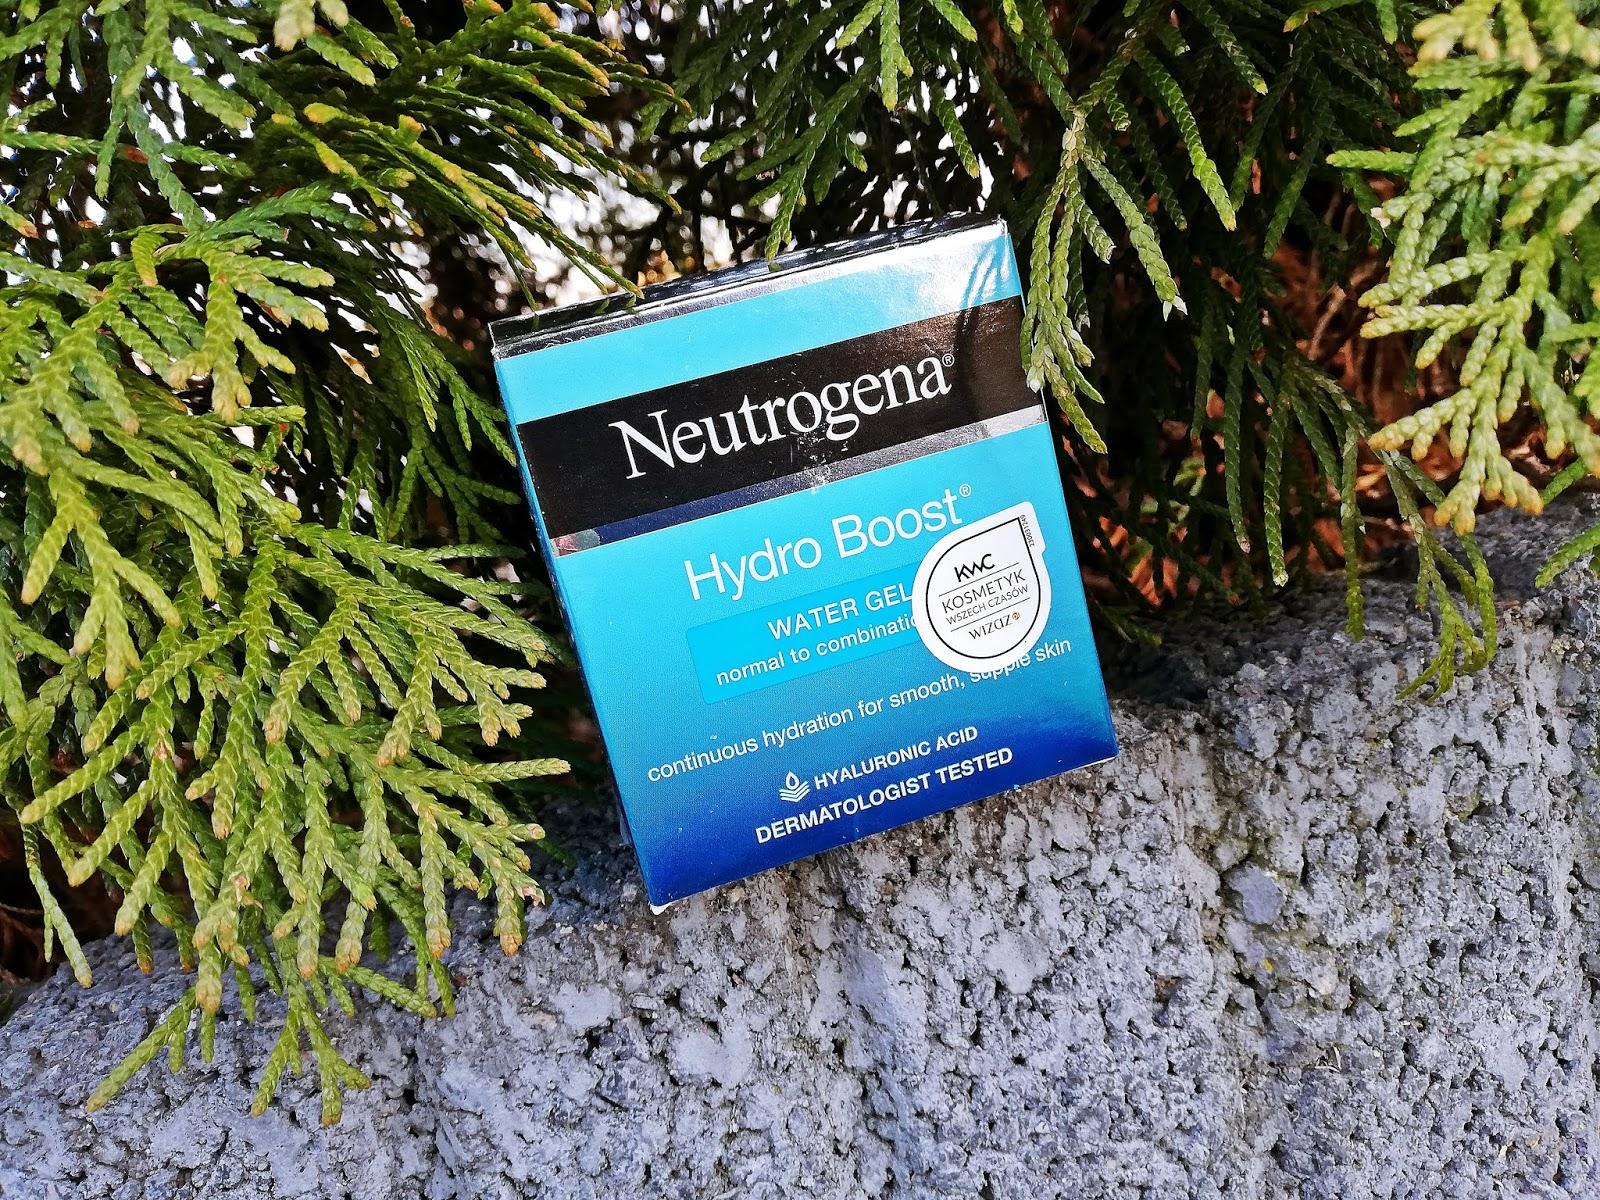 Neutrogena, Hydro Boost, Water Gel